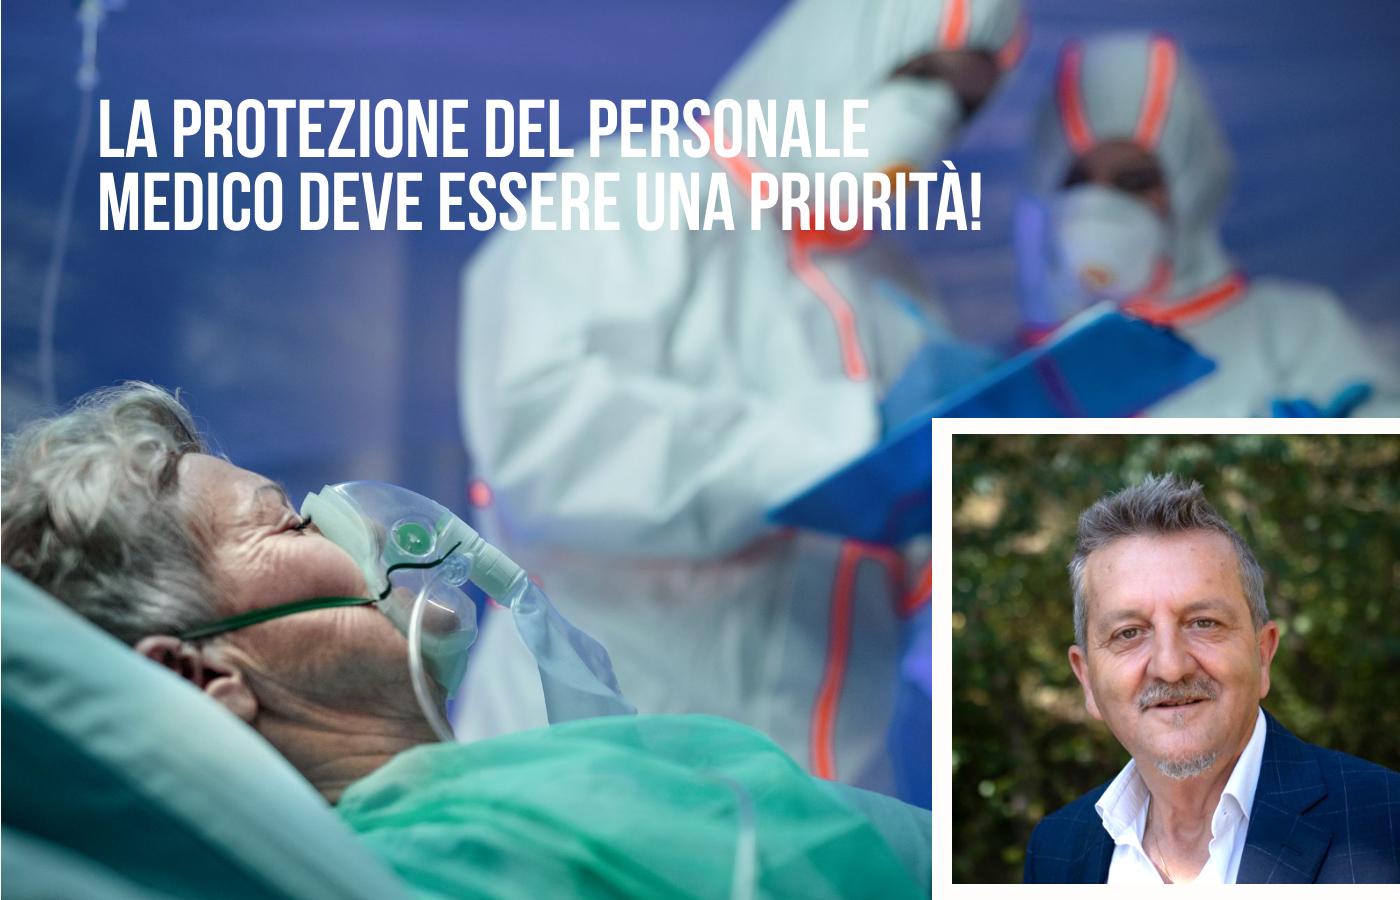 """Crisi della sanità marsicana, la ricetta del sindaco Di Pangrazio: """"la situazione richiede capacità e soluzioni senza polemiche"""""""